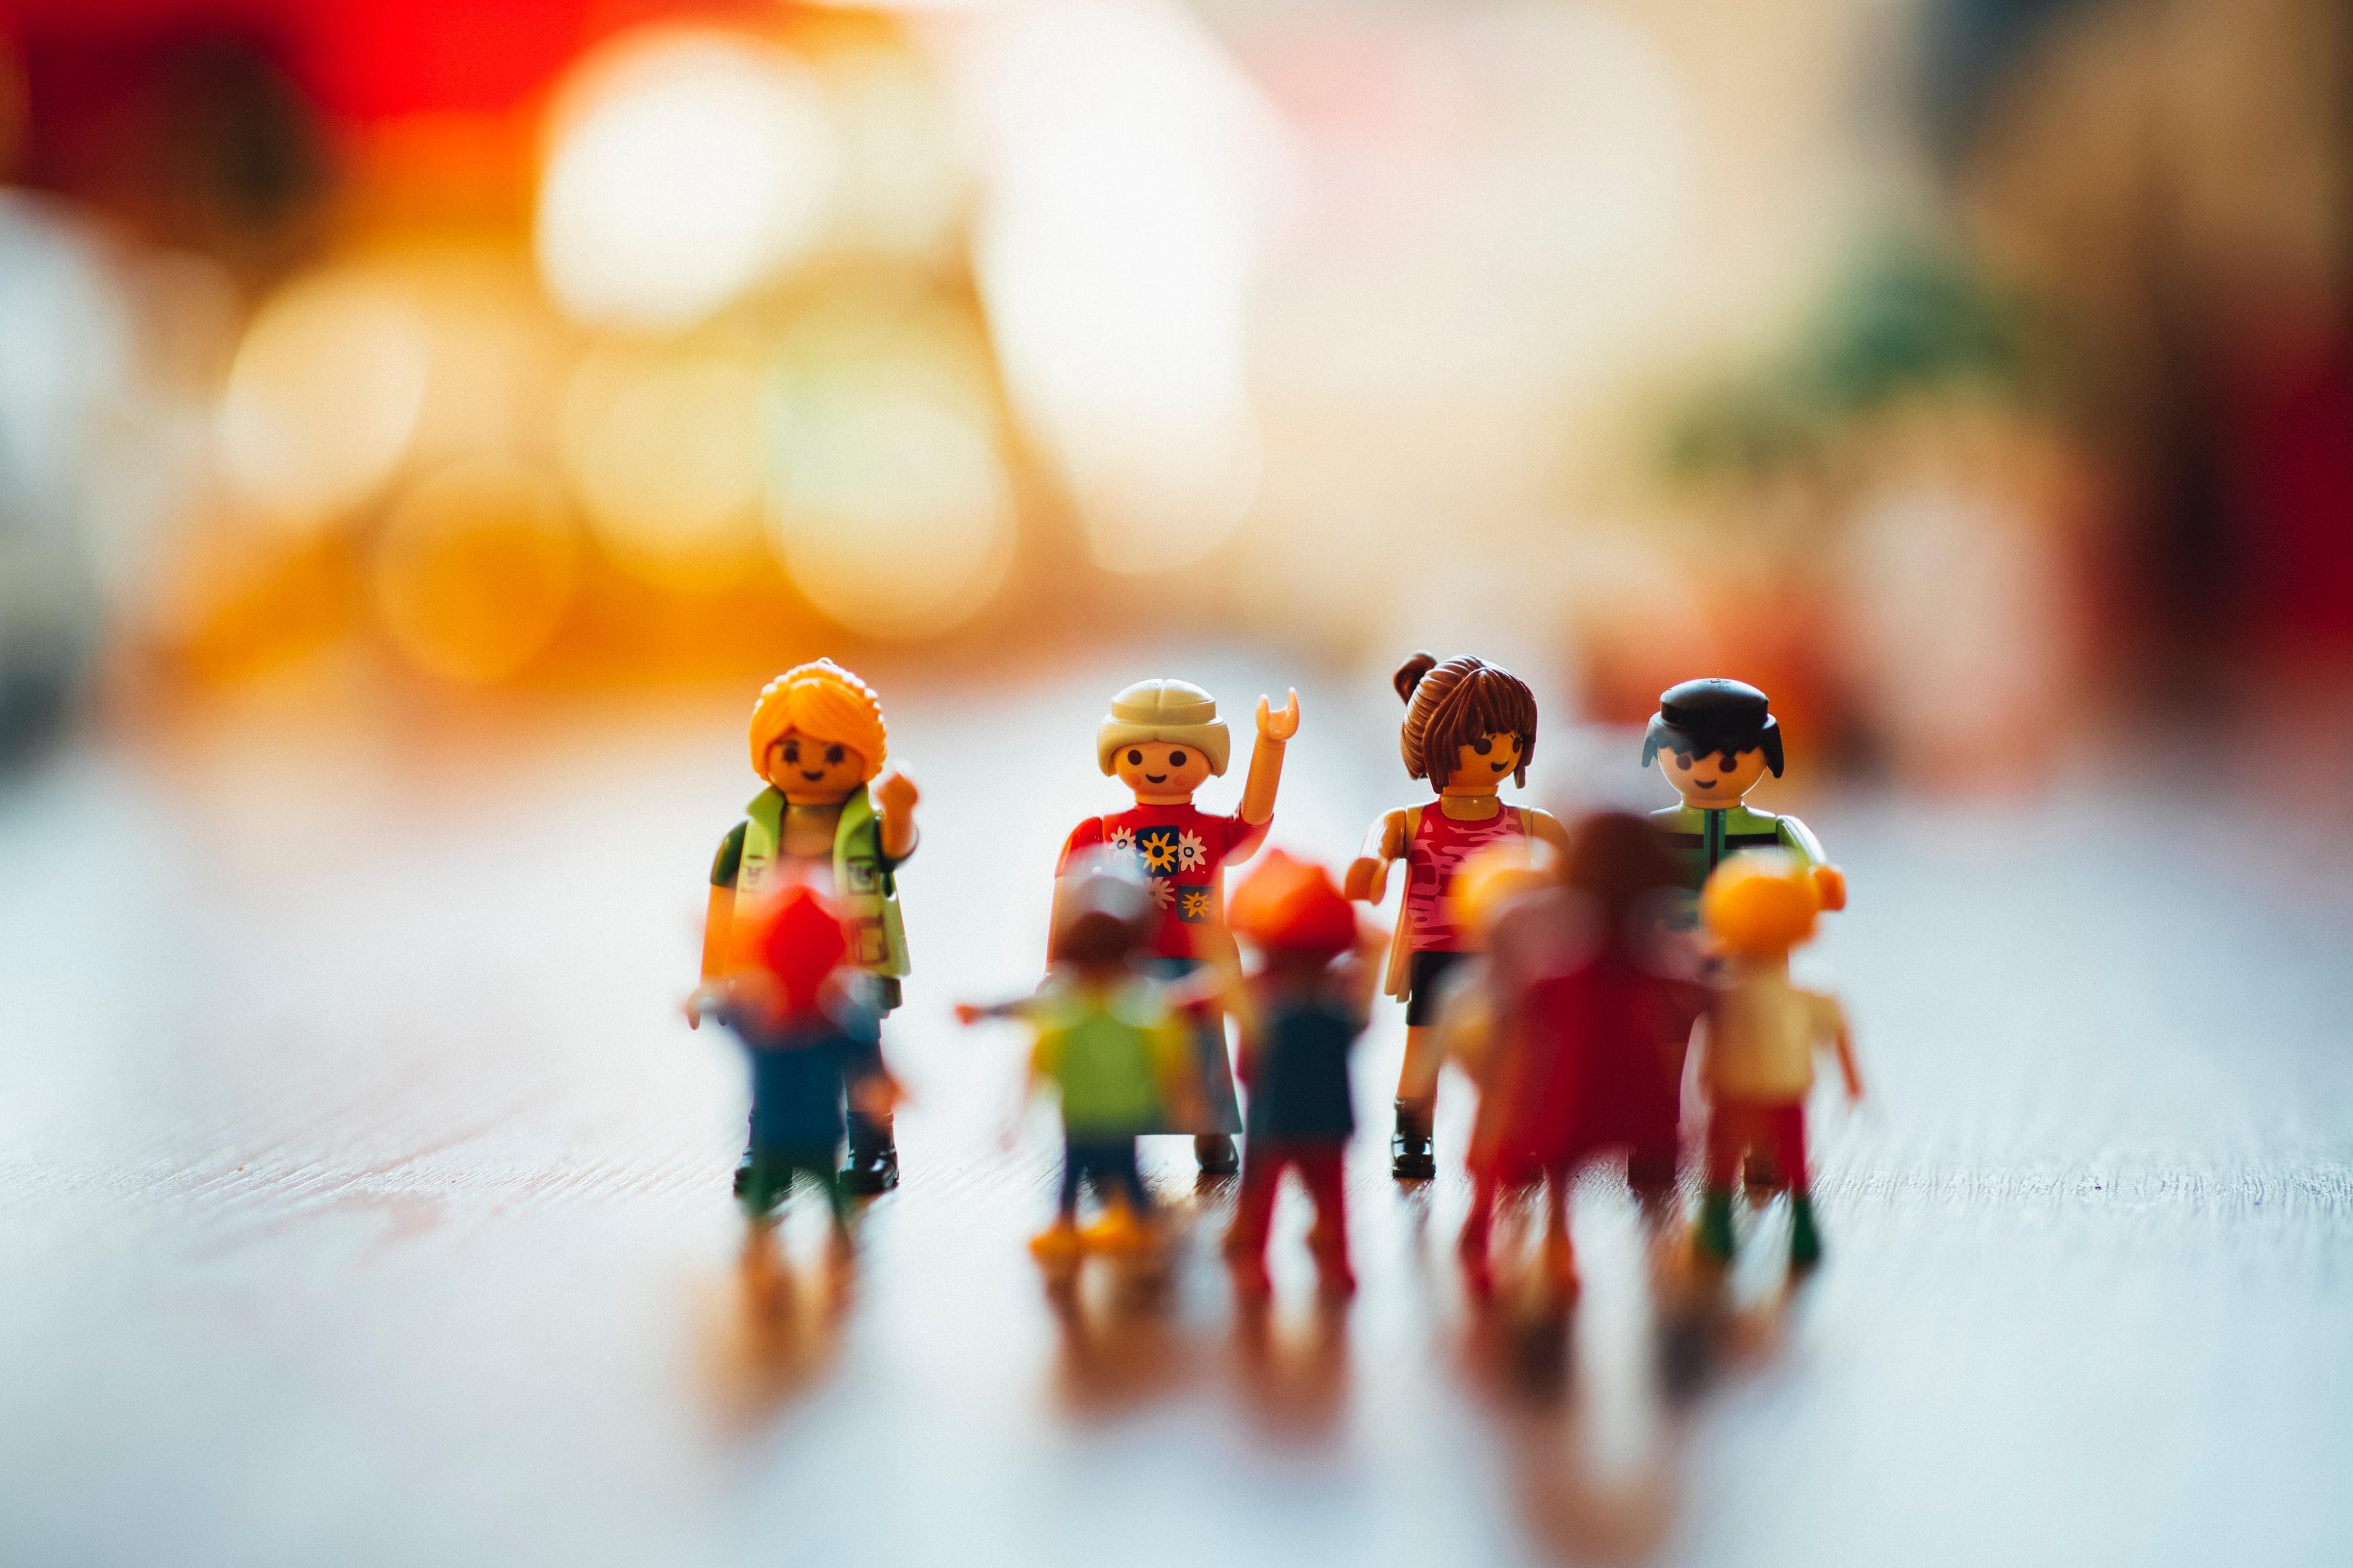 muñecos de Playmobil varios, hijos y padres